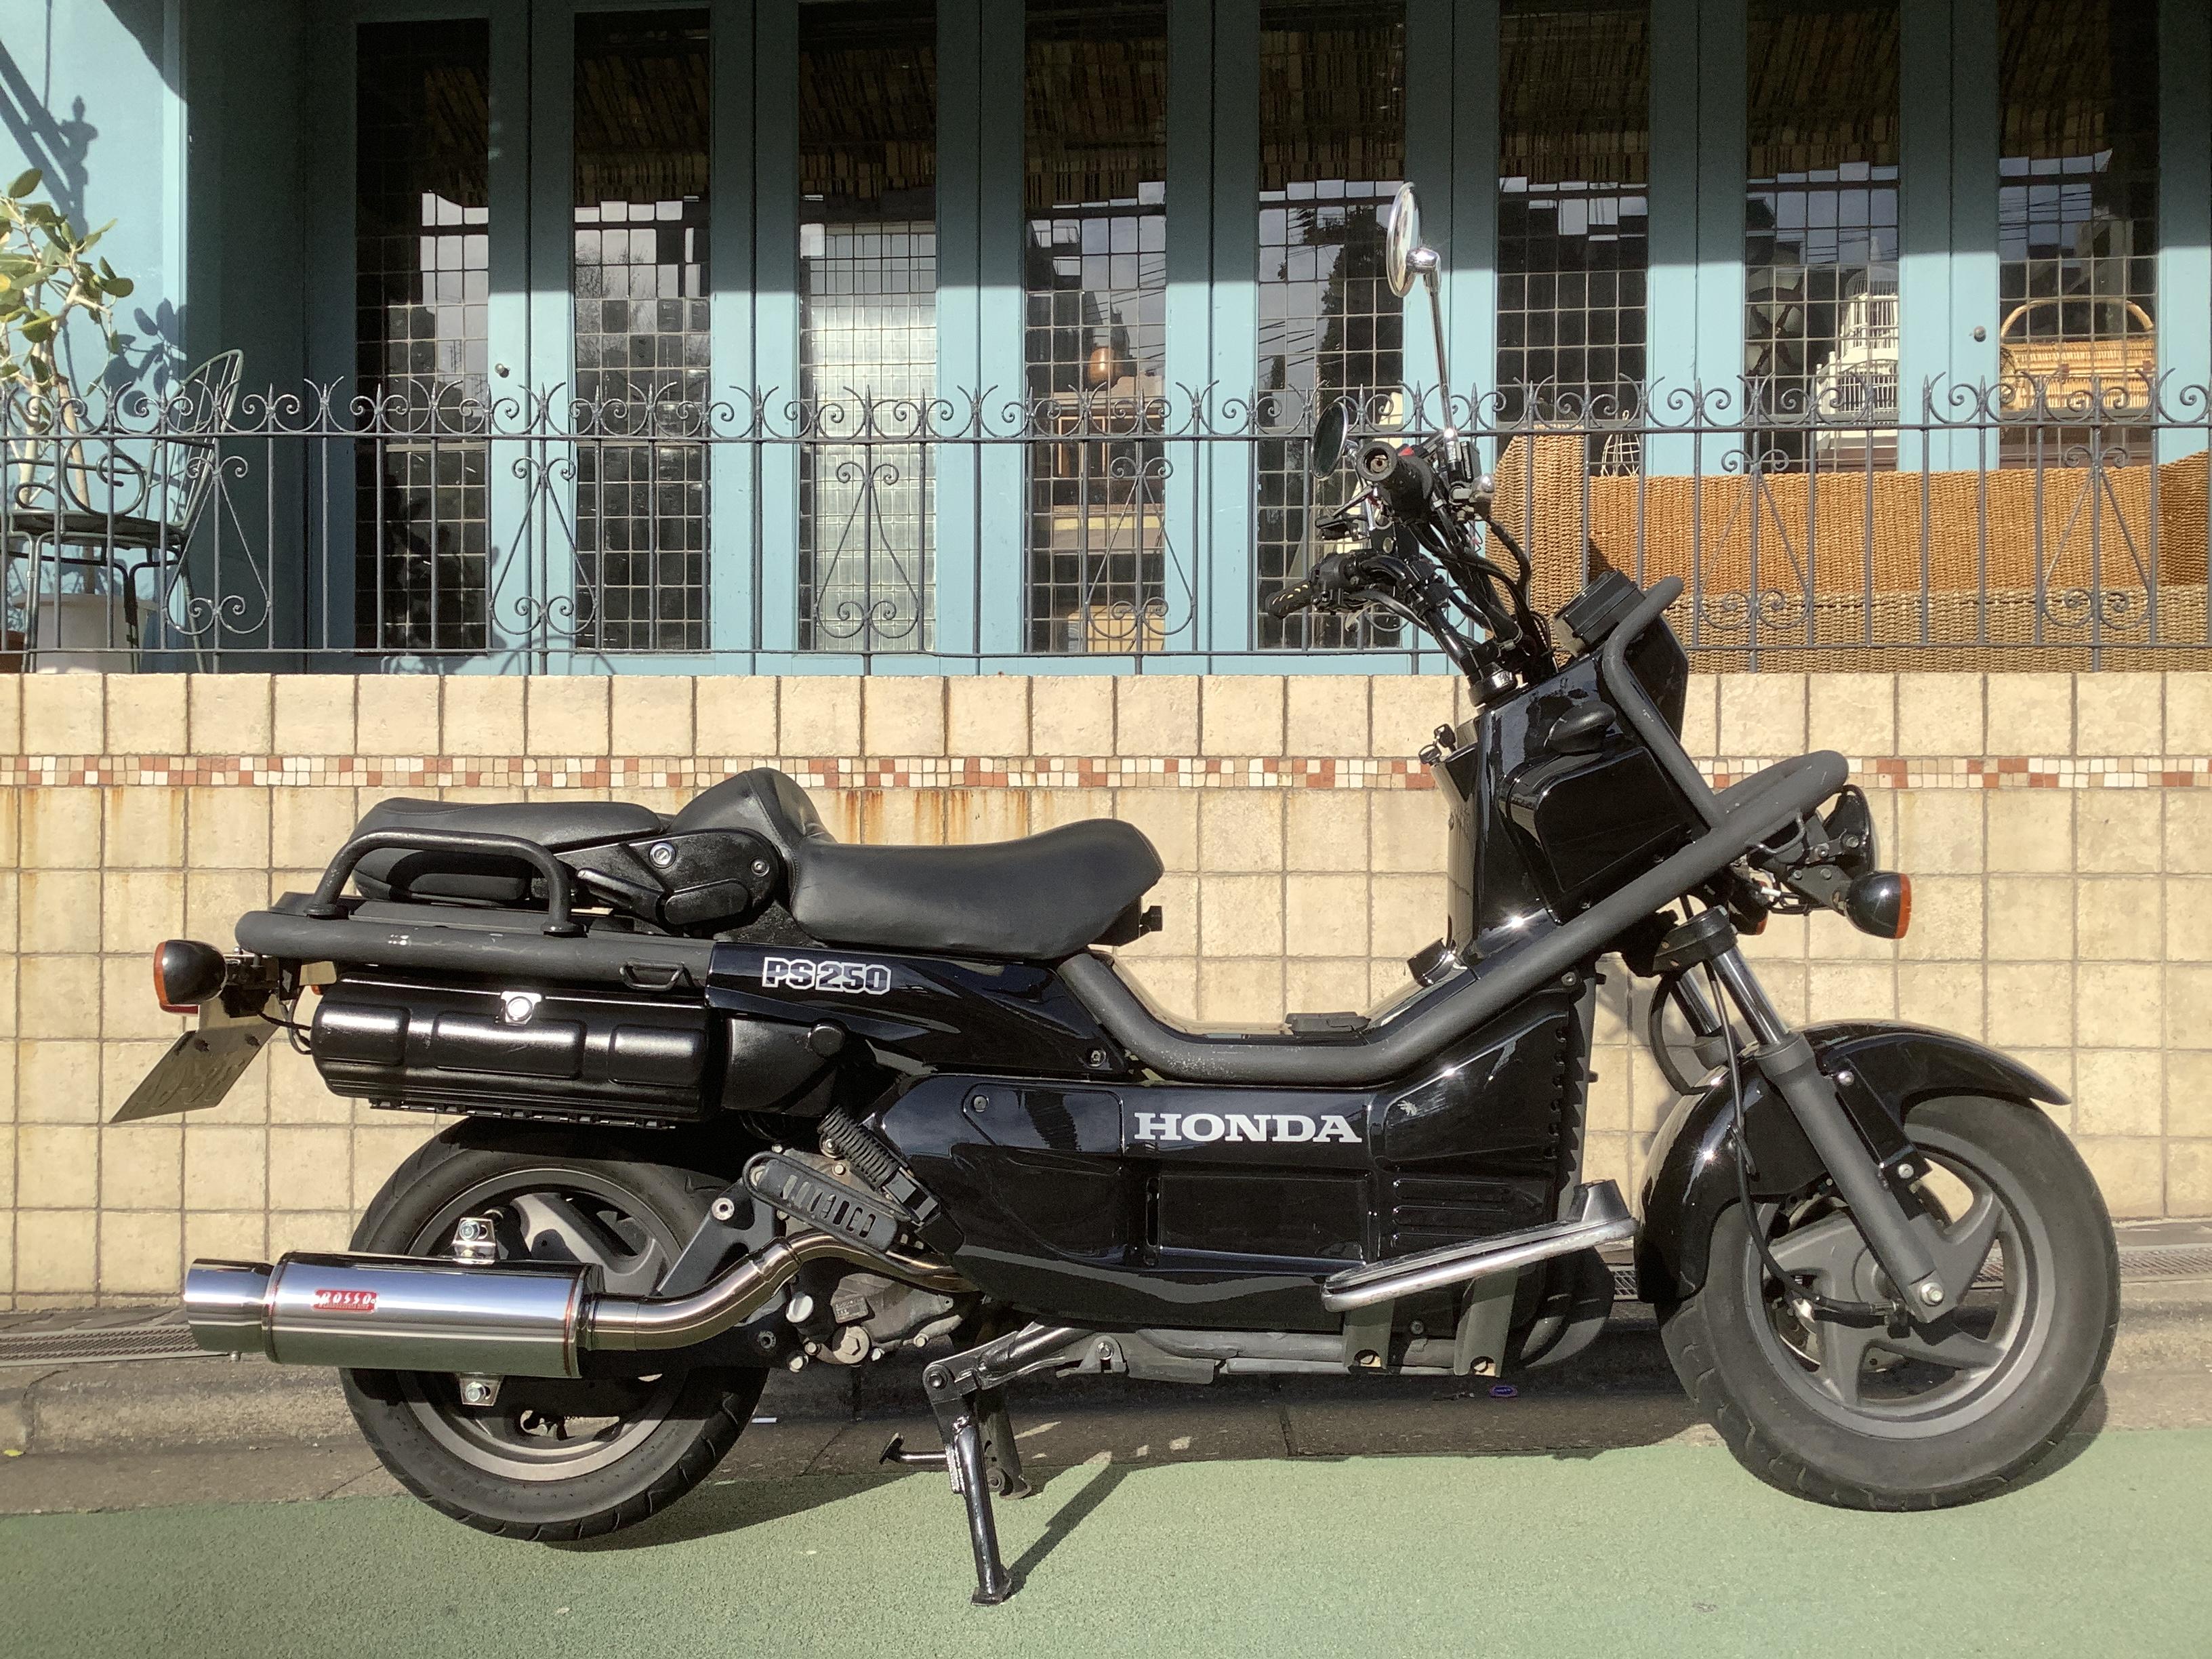 PS250 (HN-00) - 【公式】レンタルバイクのベストBike® 渋谷駅前